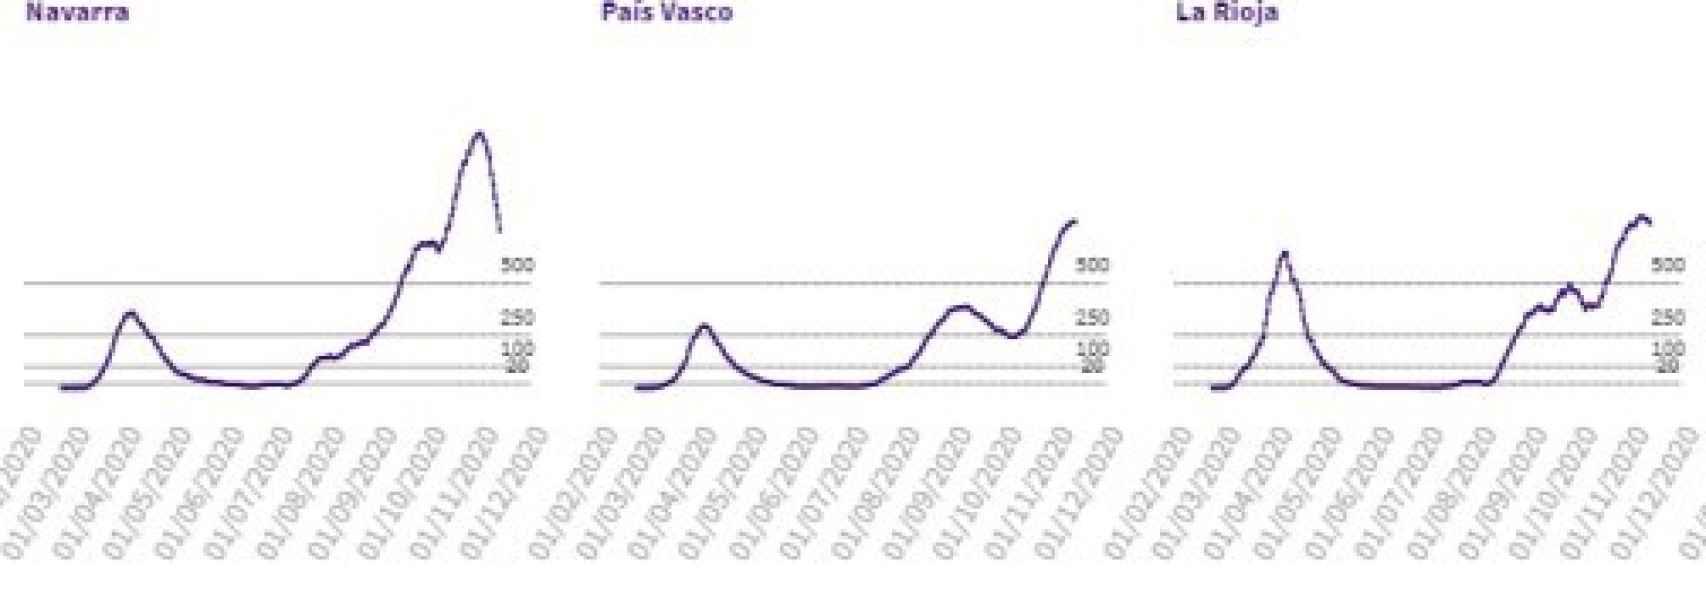 Datos en Navarra, País Vasco y La Rioja.